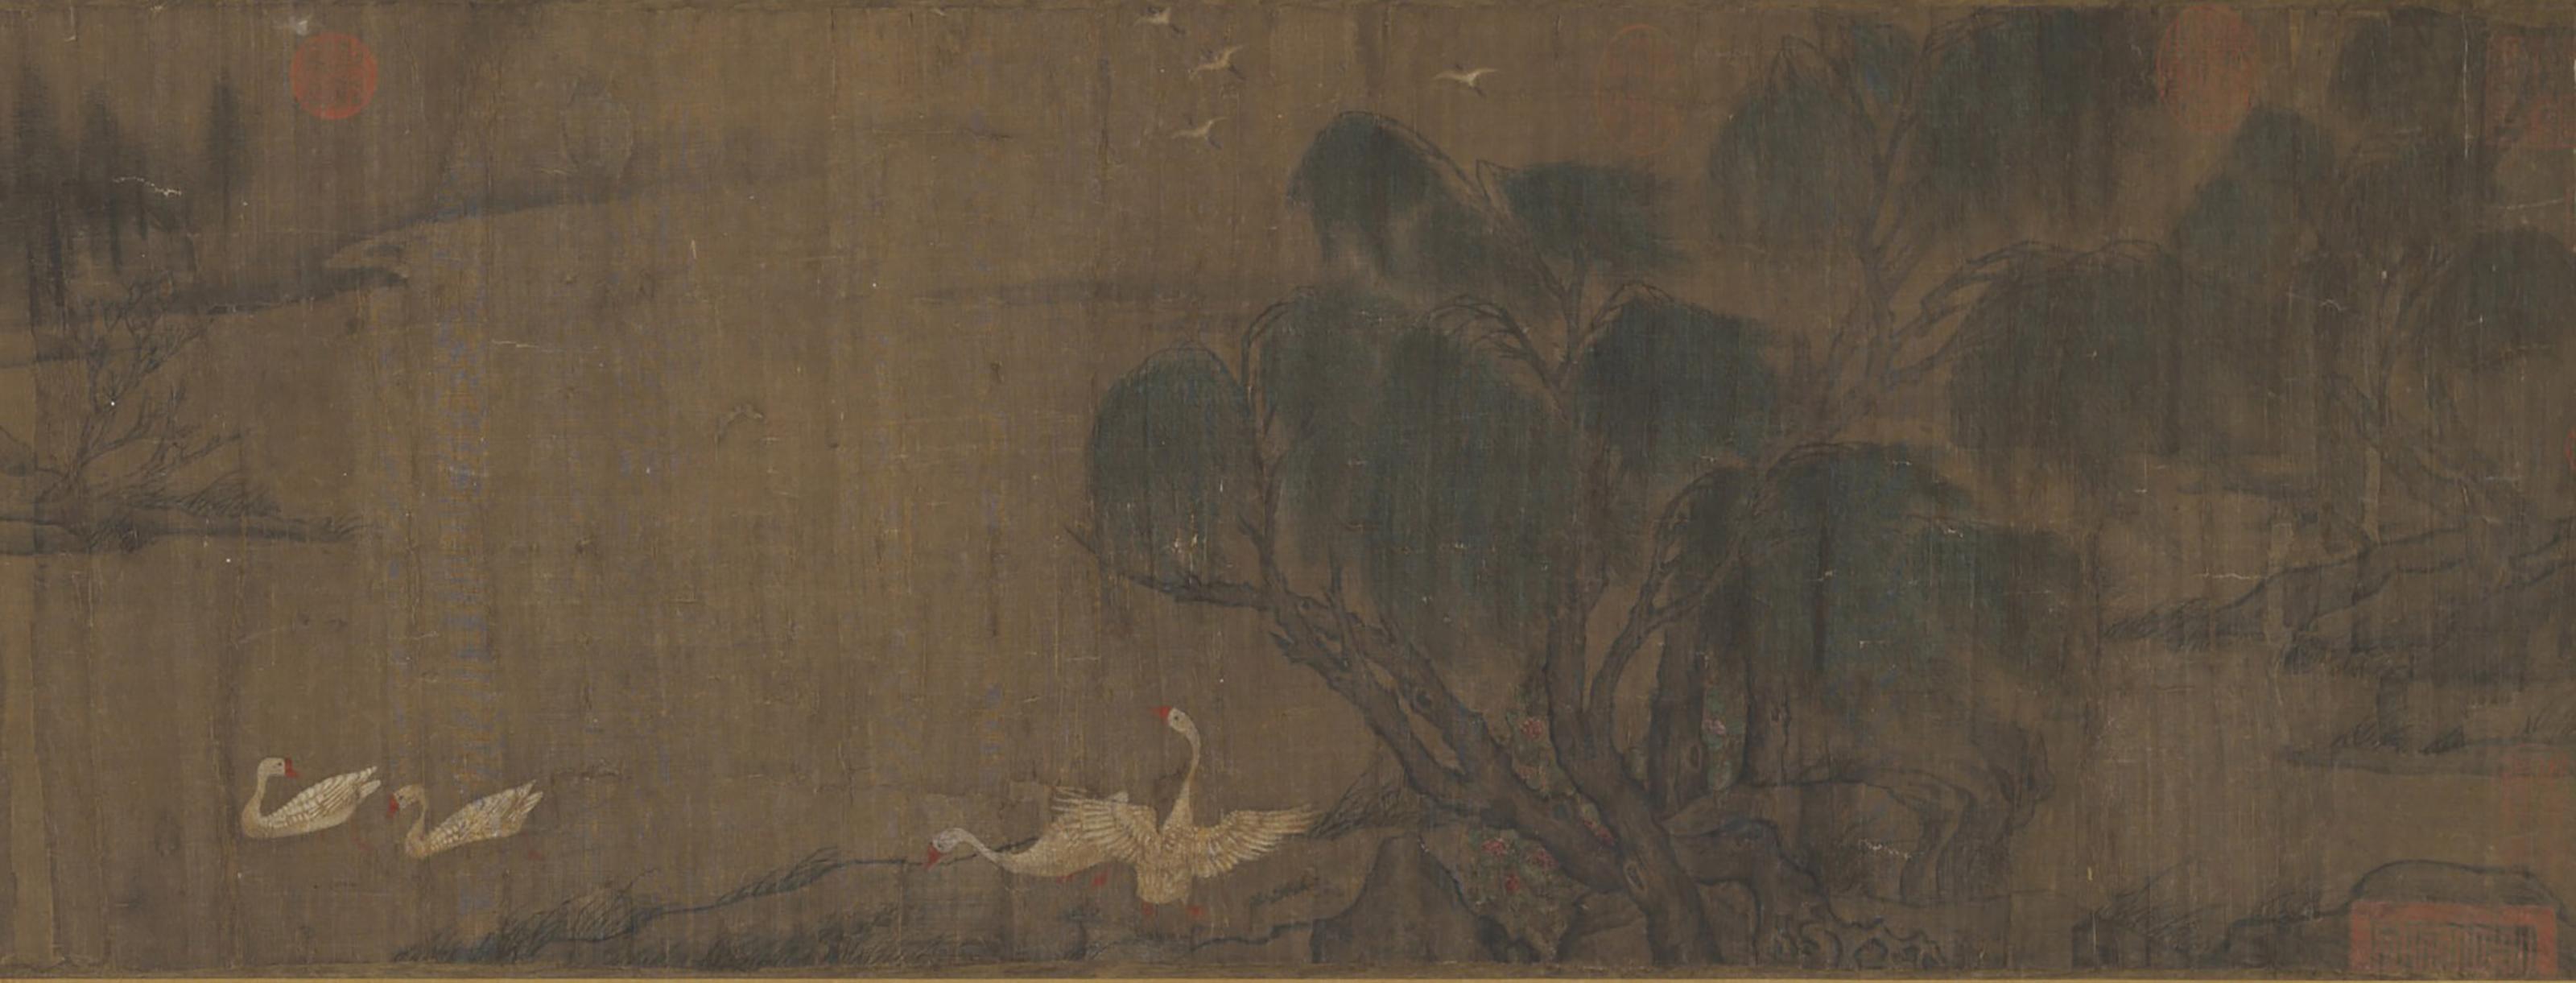 ZHAO LINGRANG (LATE 11TH-EARLY 12TH CENTURY) AS CATALOGUED IN SHIQU BAOJI